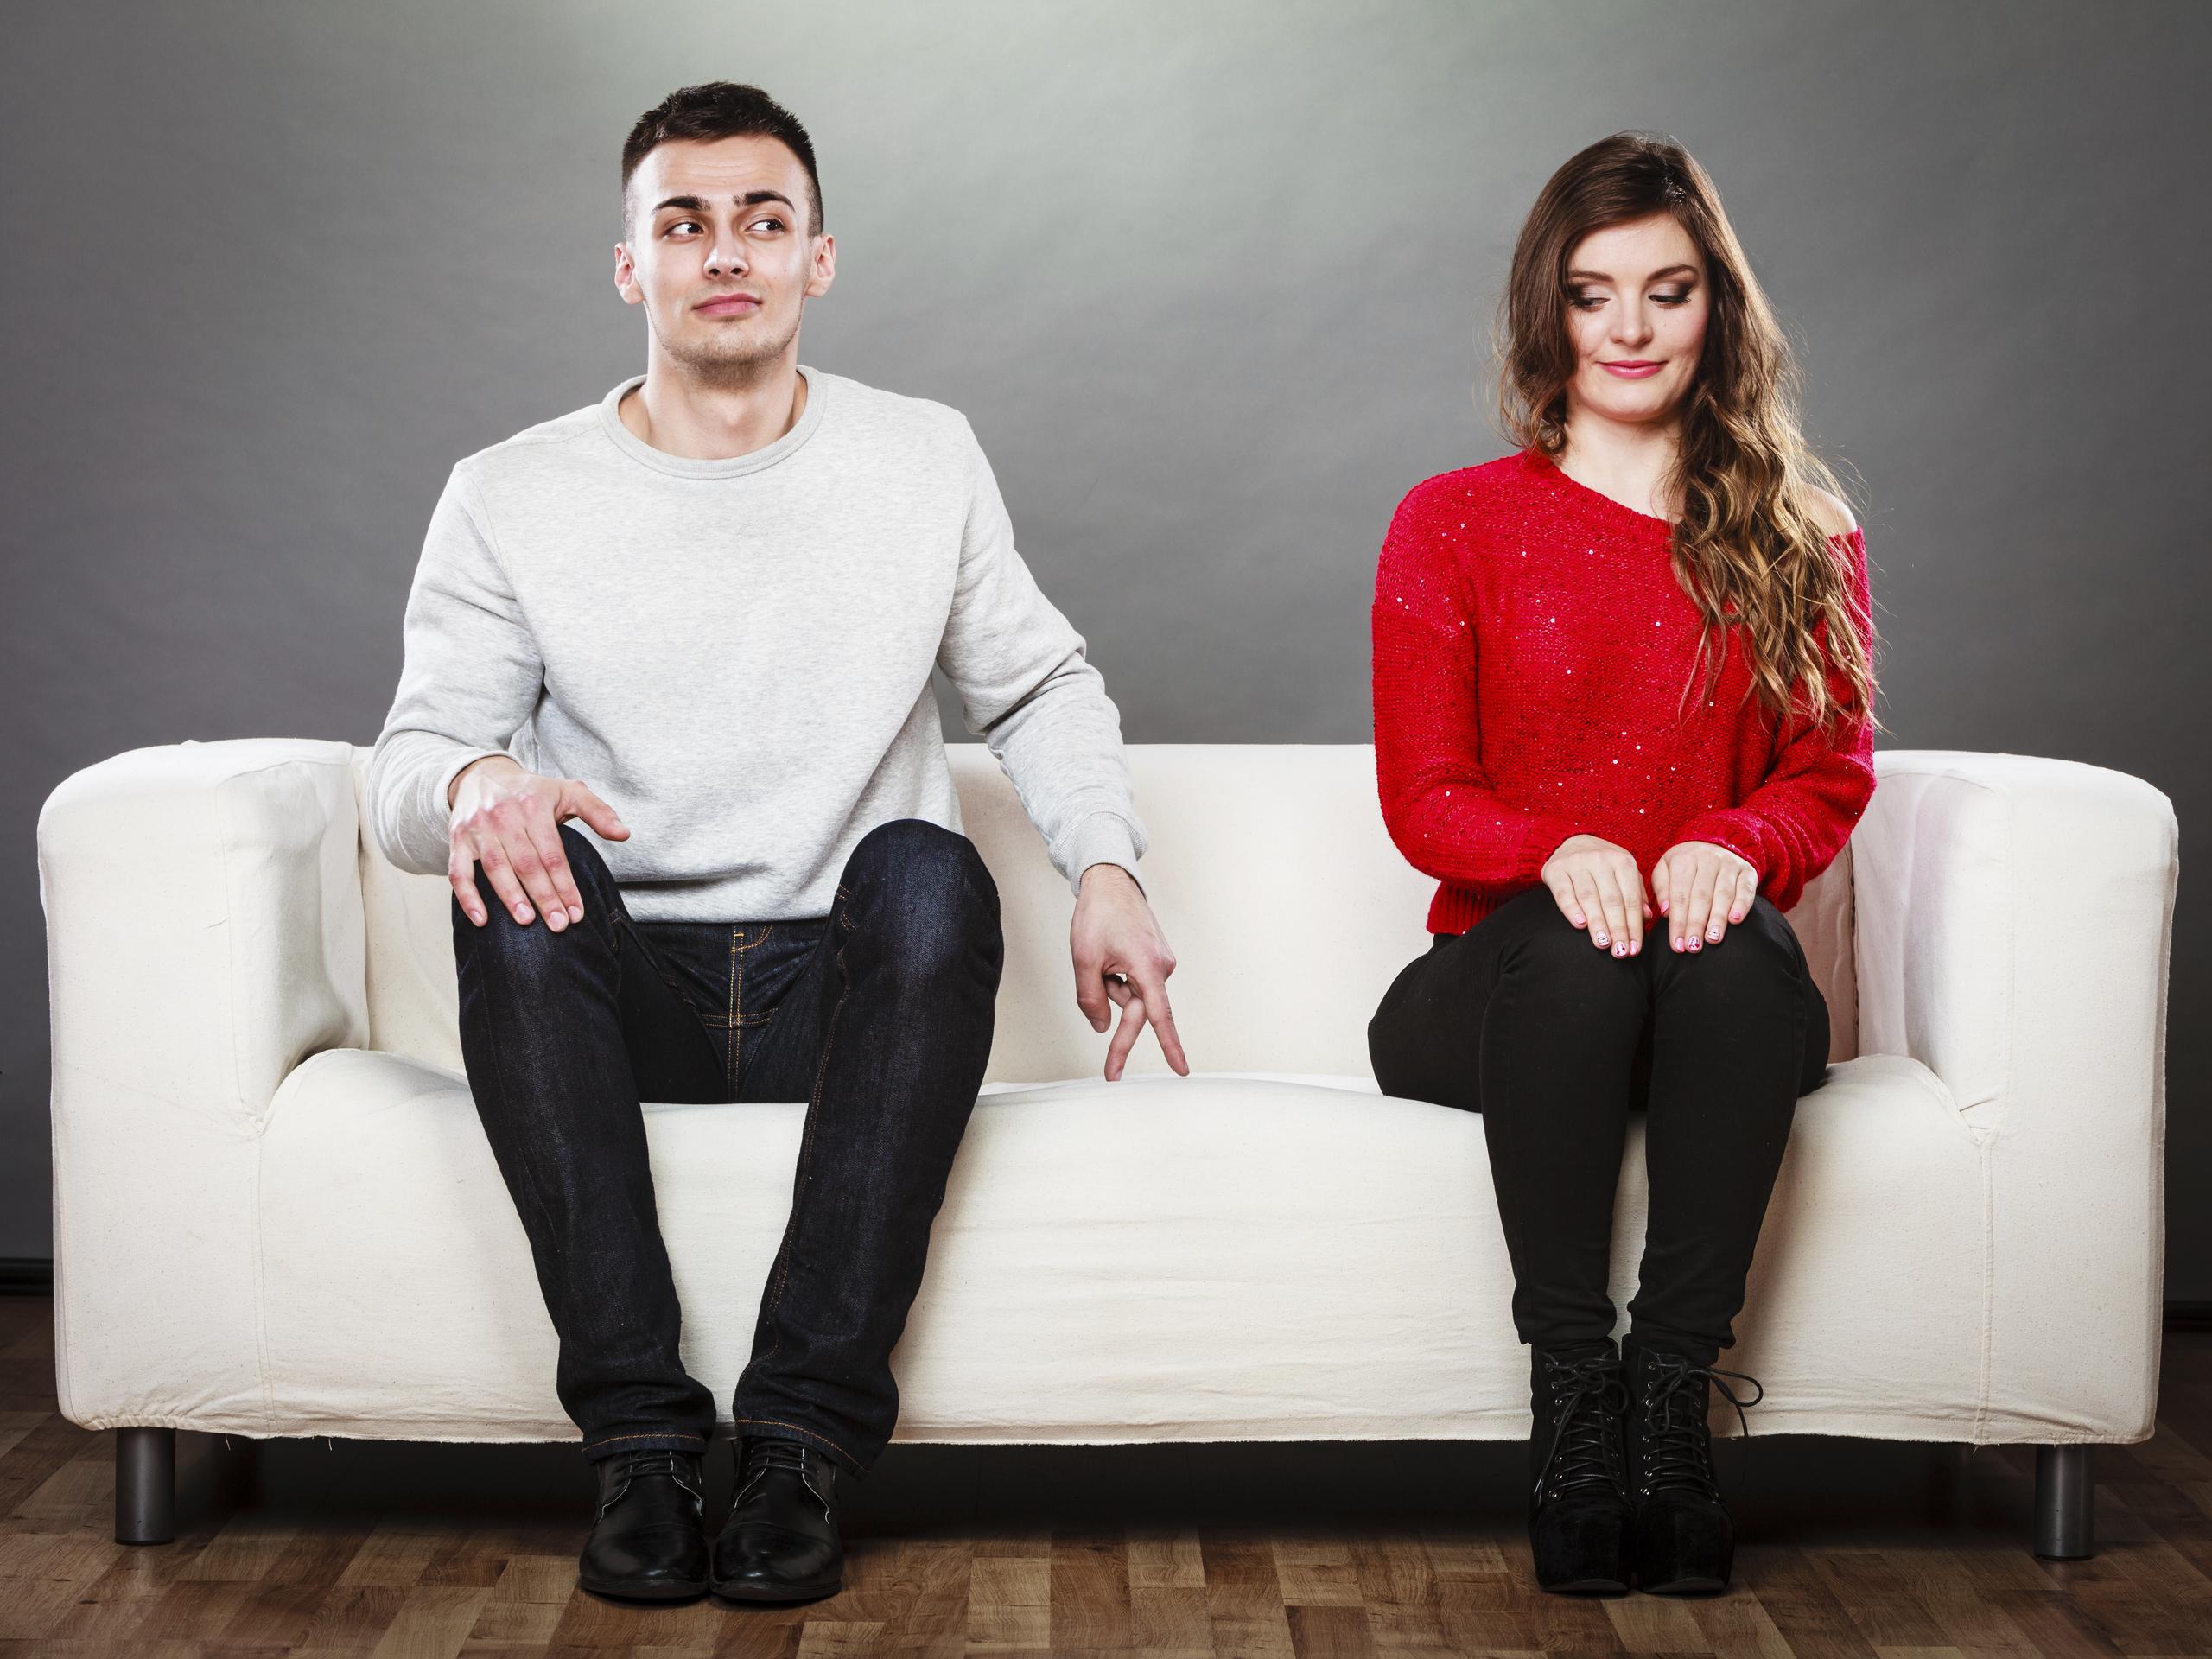 Men's Biggest Sexual Regret: Lost Opportunities